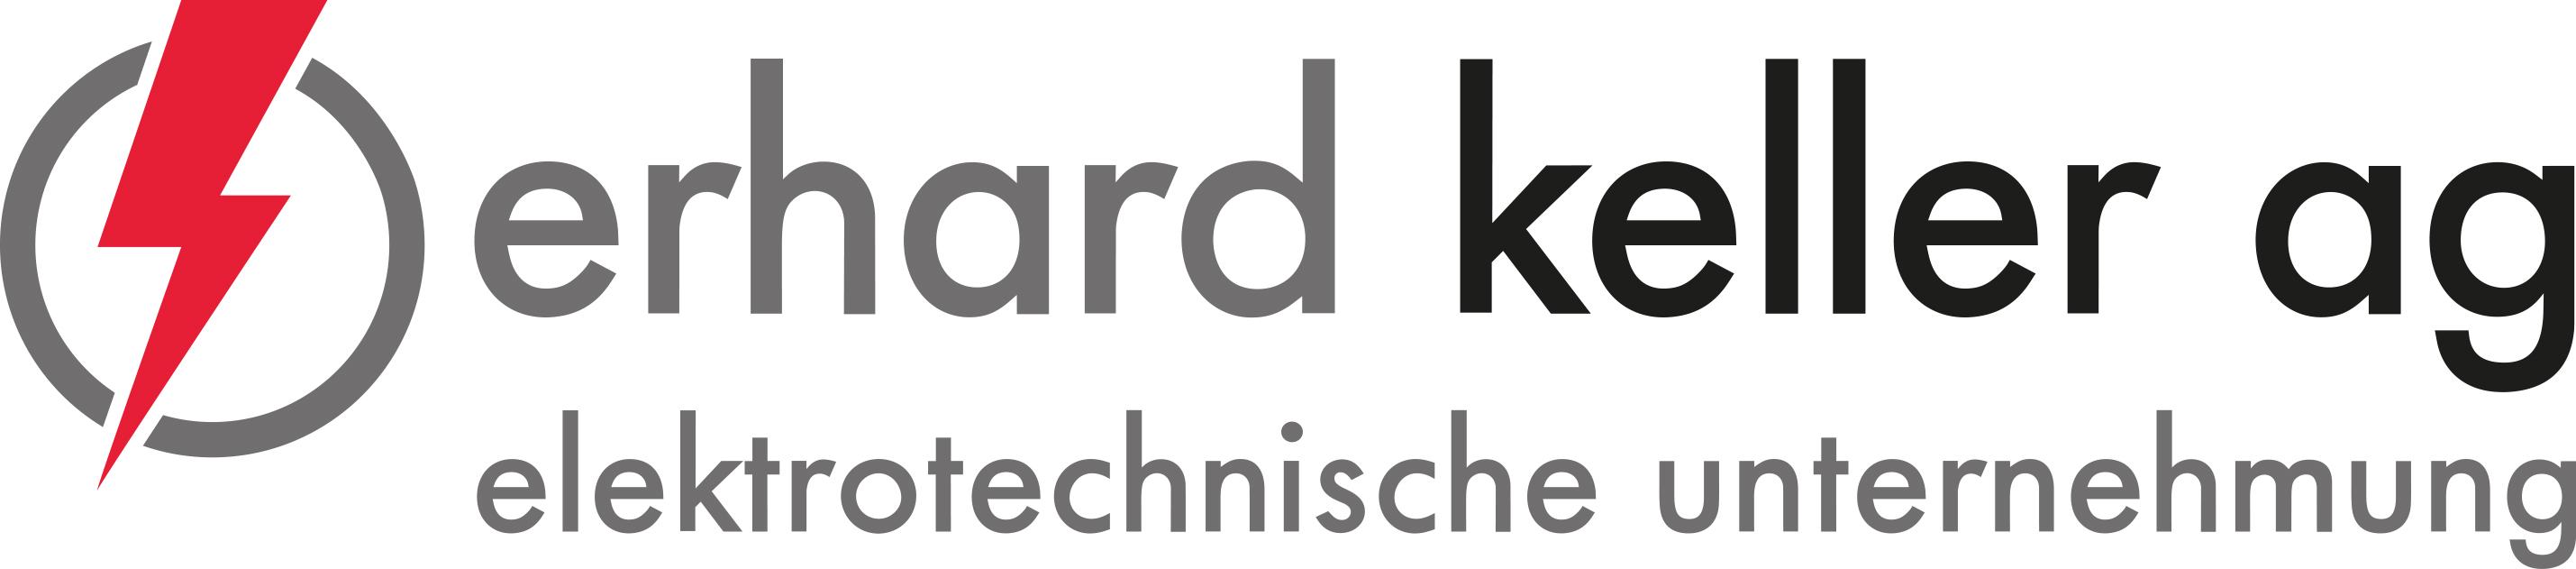 Keller Erhard AG